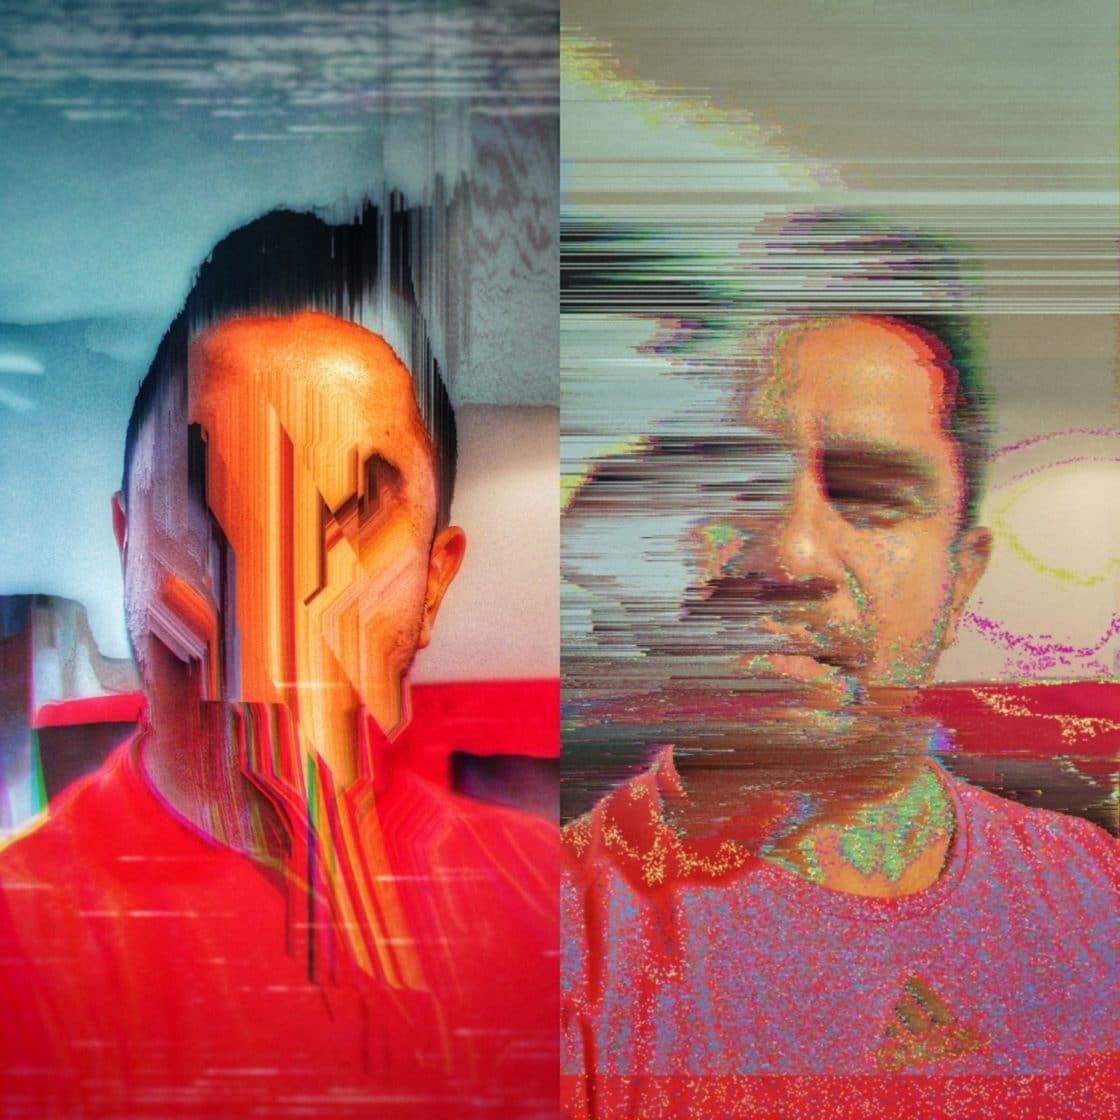 victor-ruano-portrait-santasombra-glitch-006